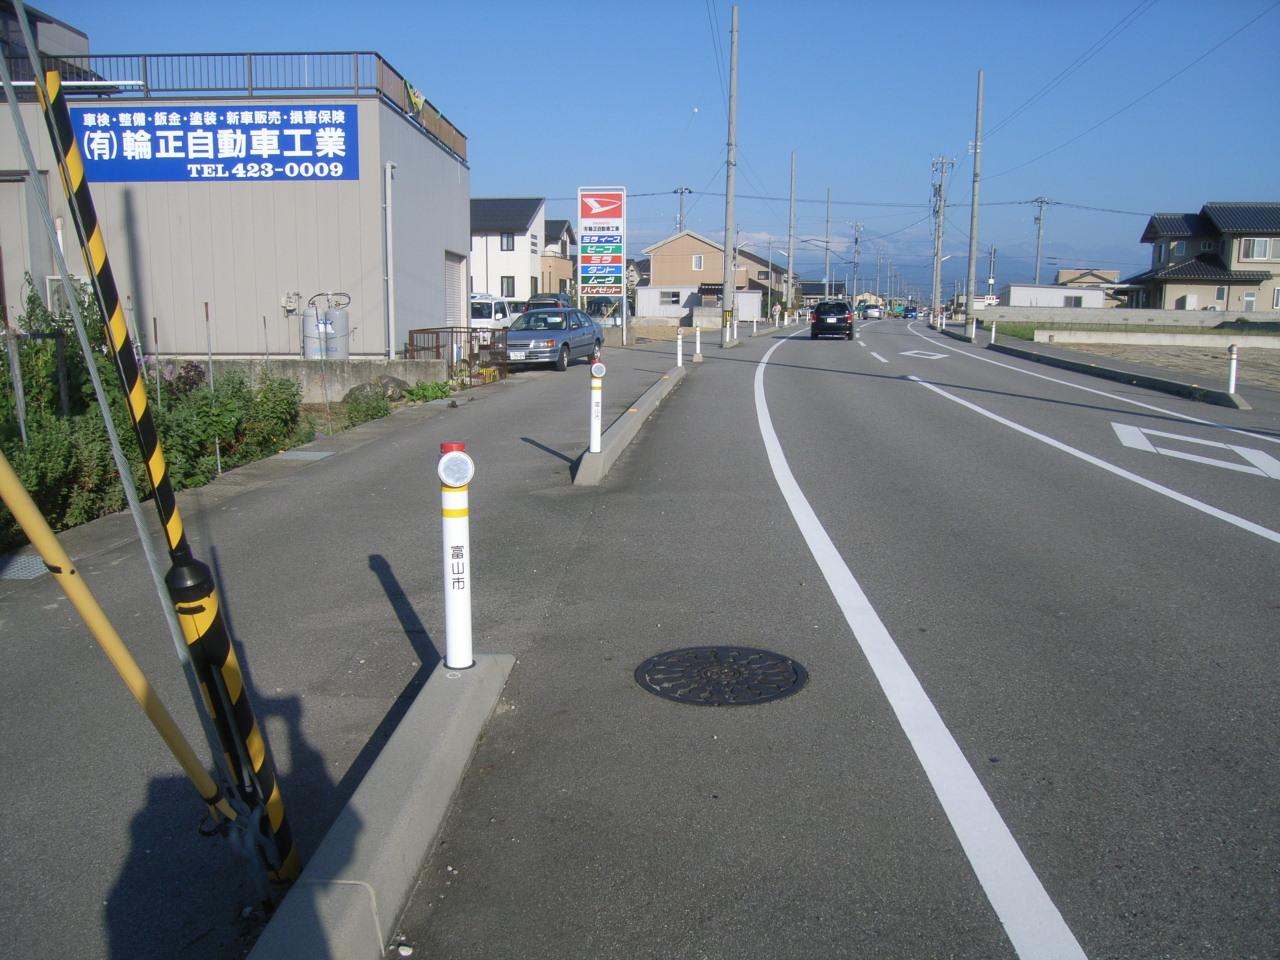 視線誘導標・線形誘導標(デリネーター) 施工事例11